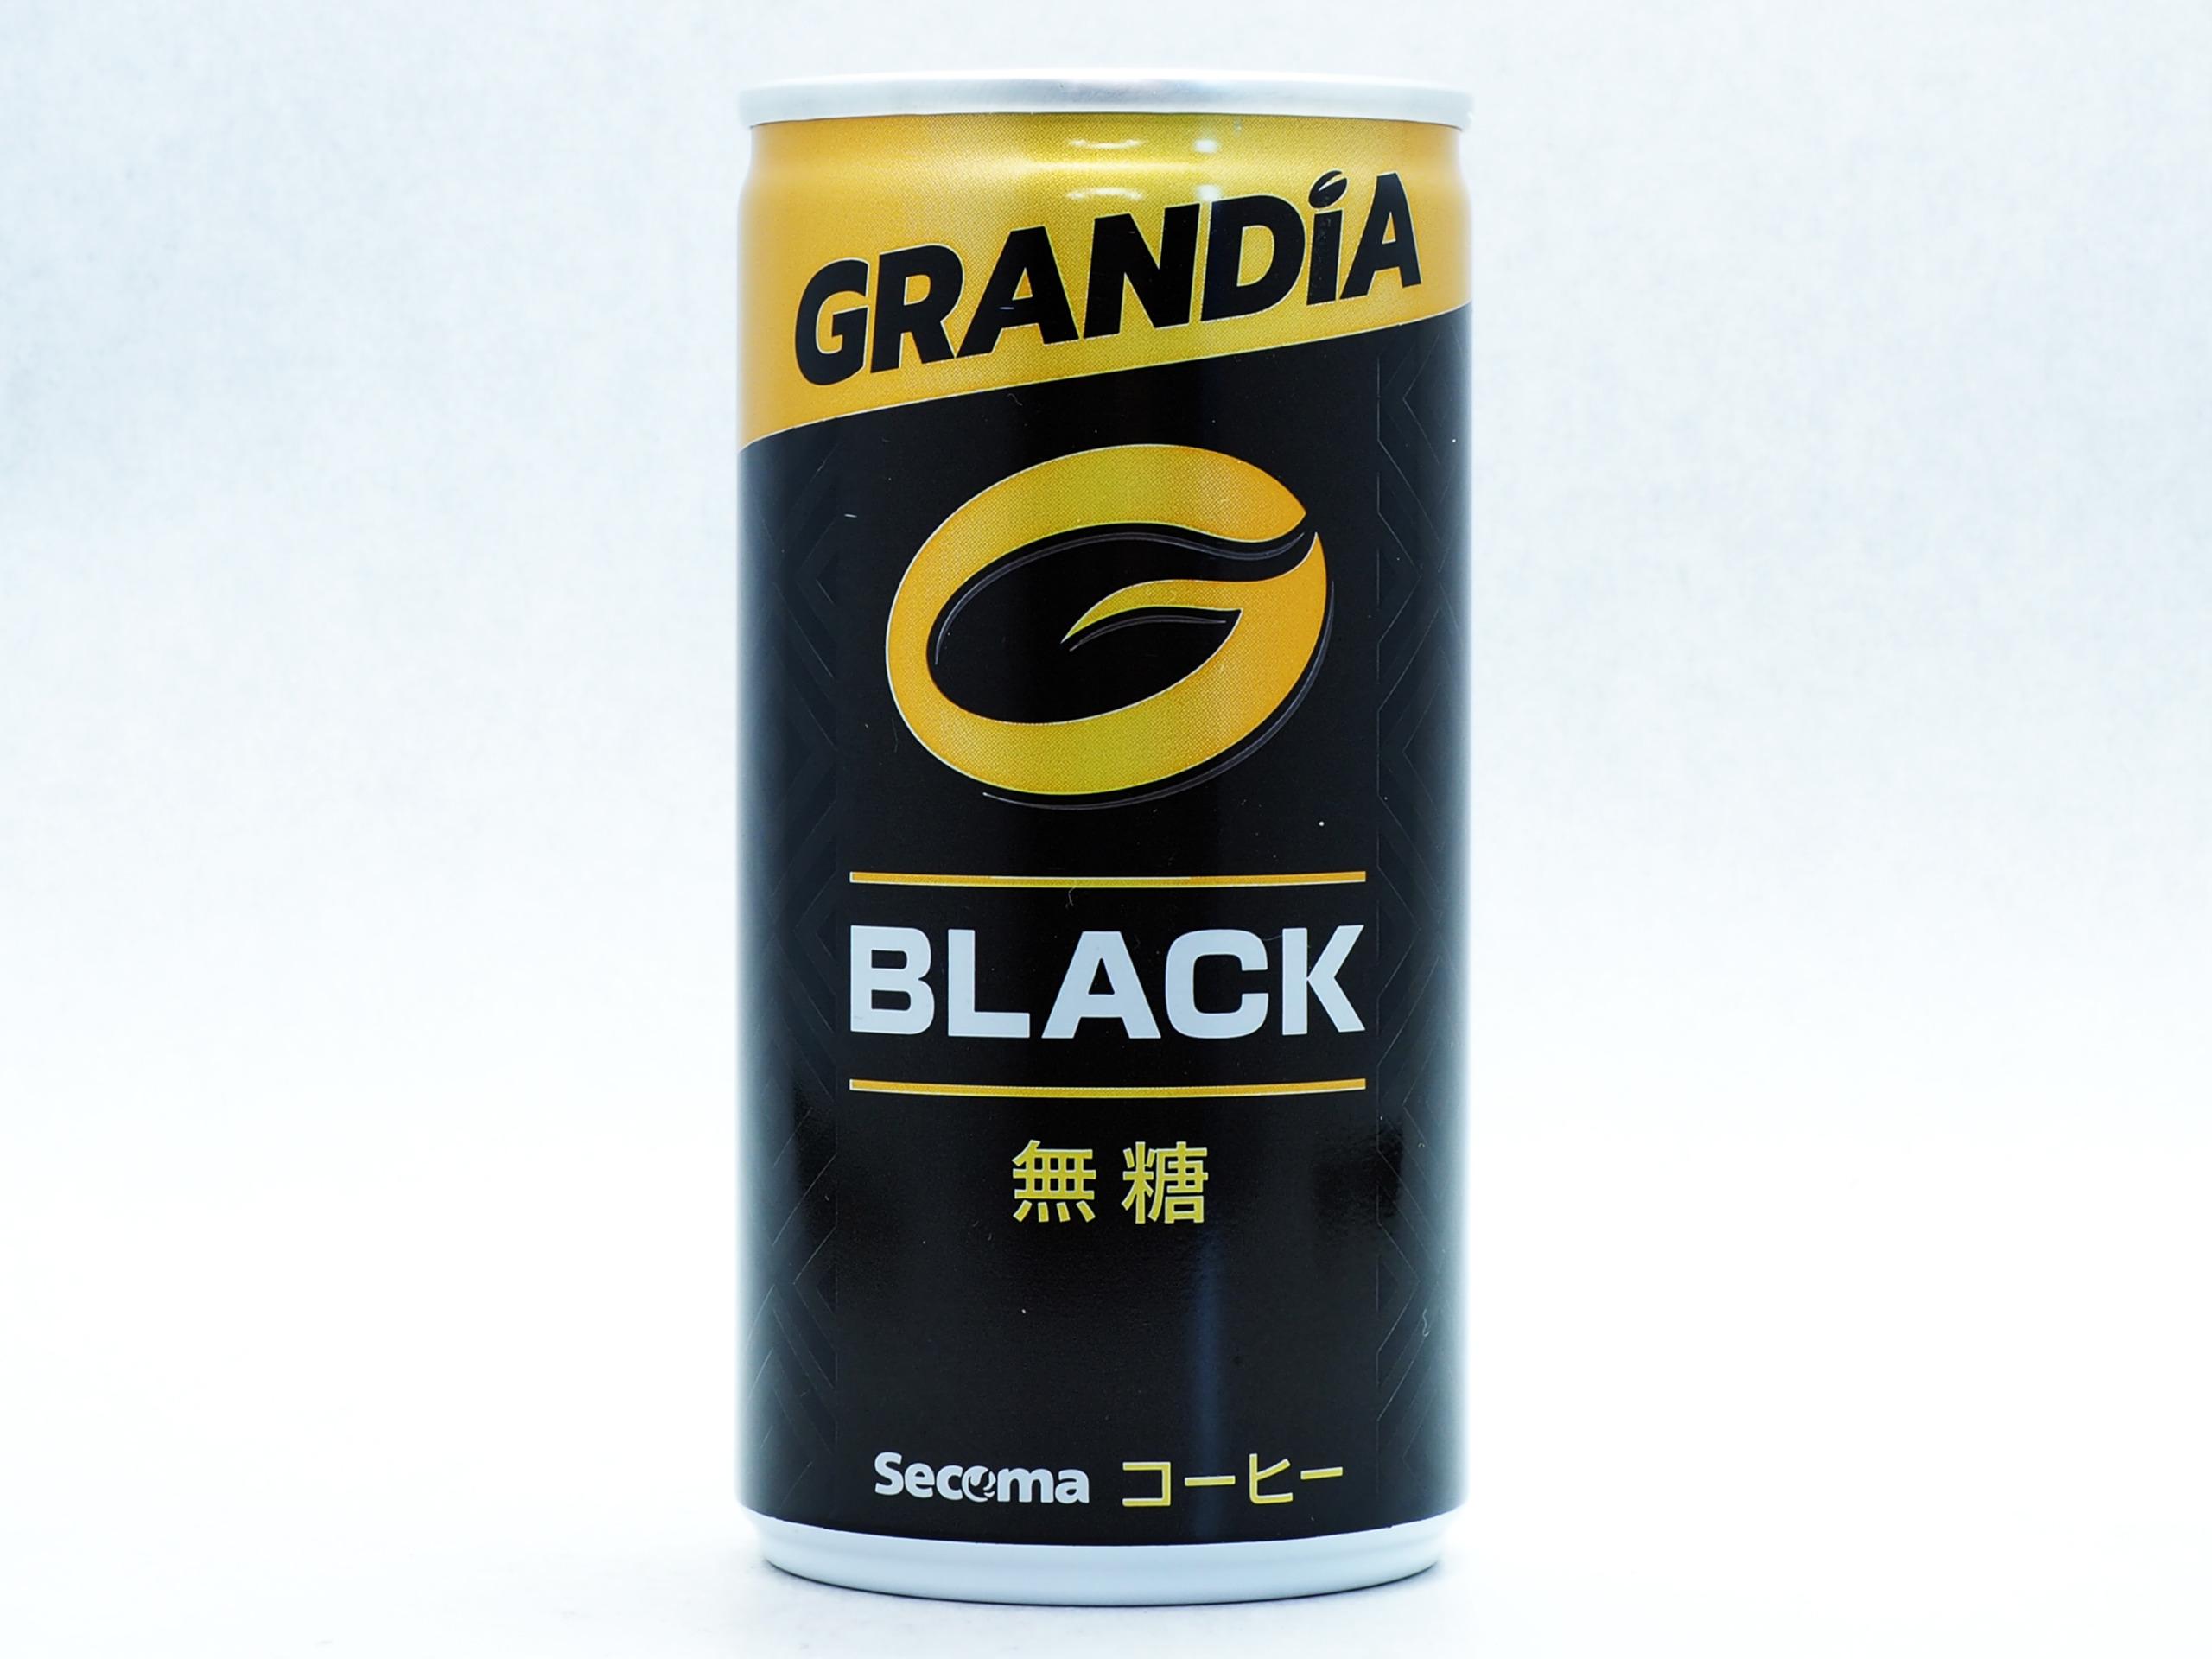 セコマ GRANDIA ブラック